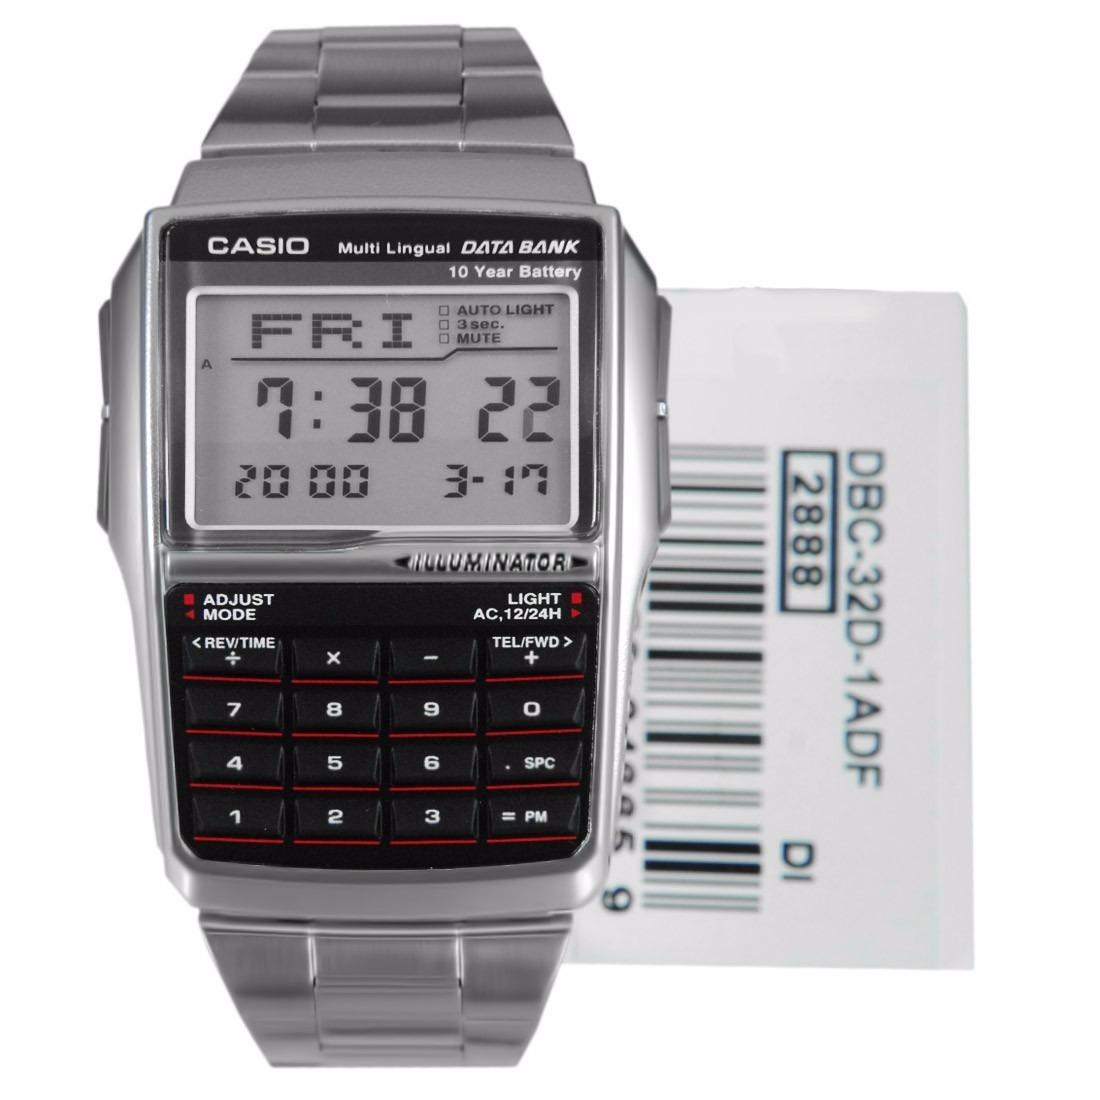 fed251d3b3e1 Reloj Casio Calculadora Databank Dbc-32d Original 100% -   114.900 ...